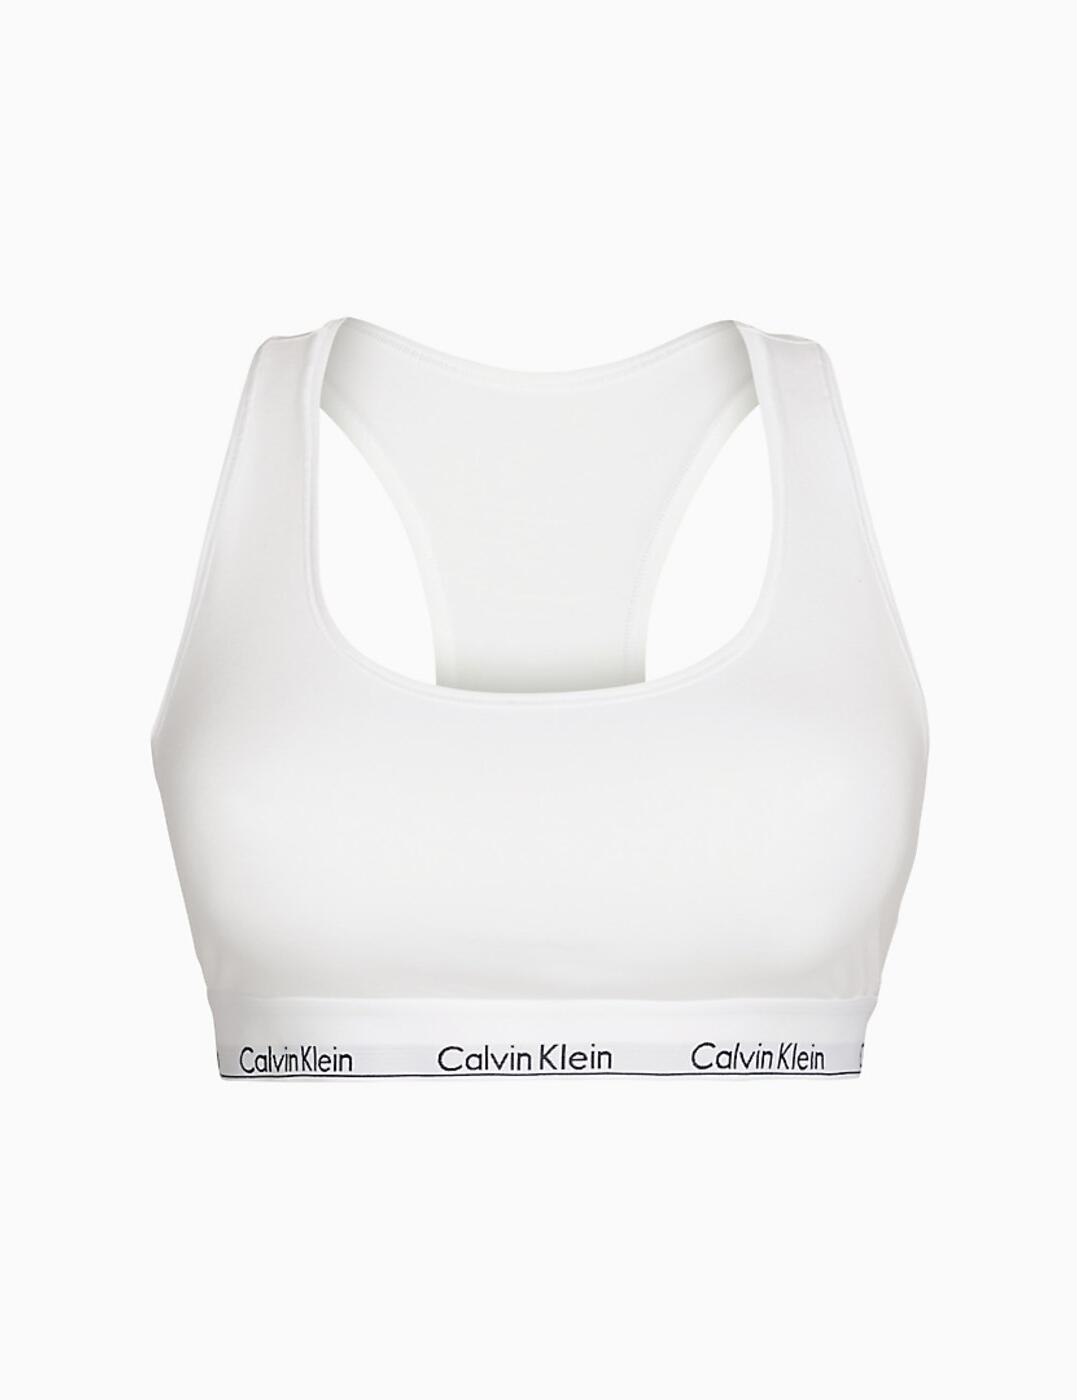 thumbnail 6 - Calvin Klein Modern Cotton Plus Bralette Bra Bra Top QF5116E New Womens Bras